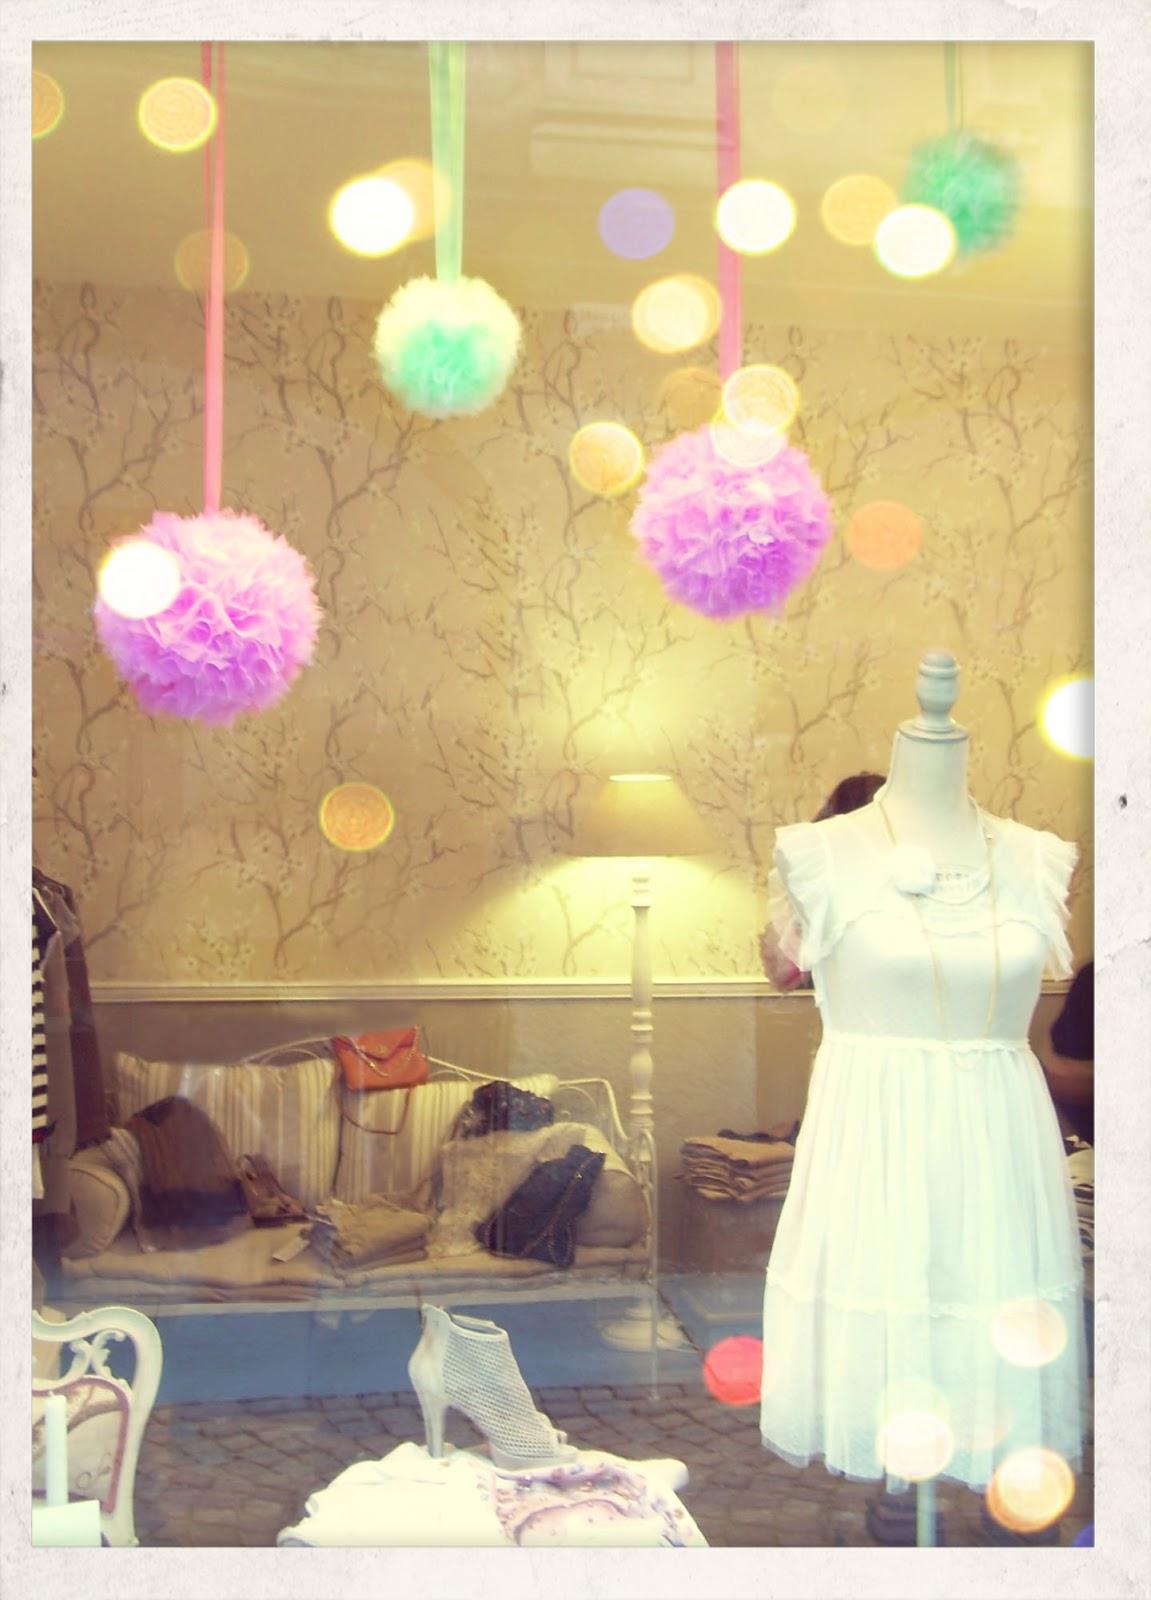 Lorendesign tulle per decorare una vetrina - Idee per vetrine primaverili ...